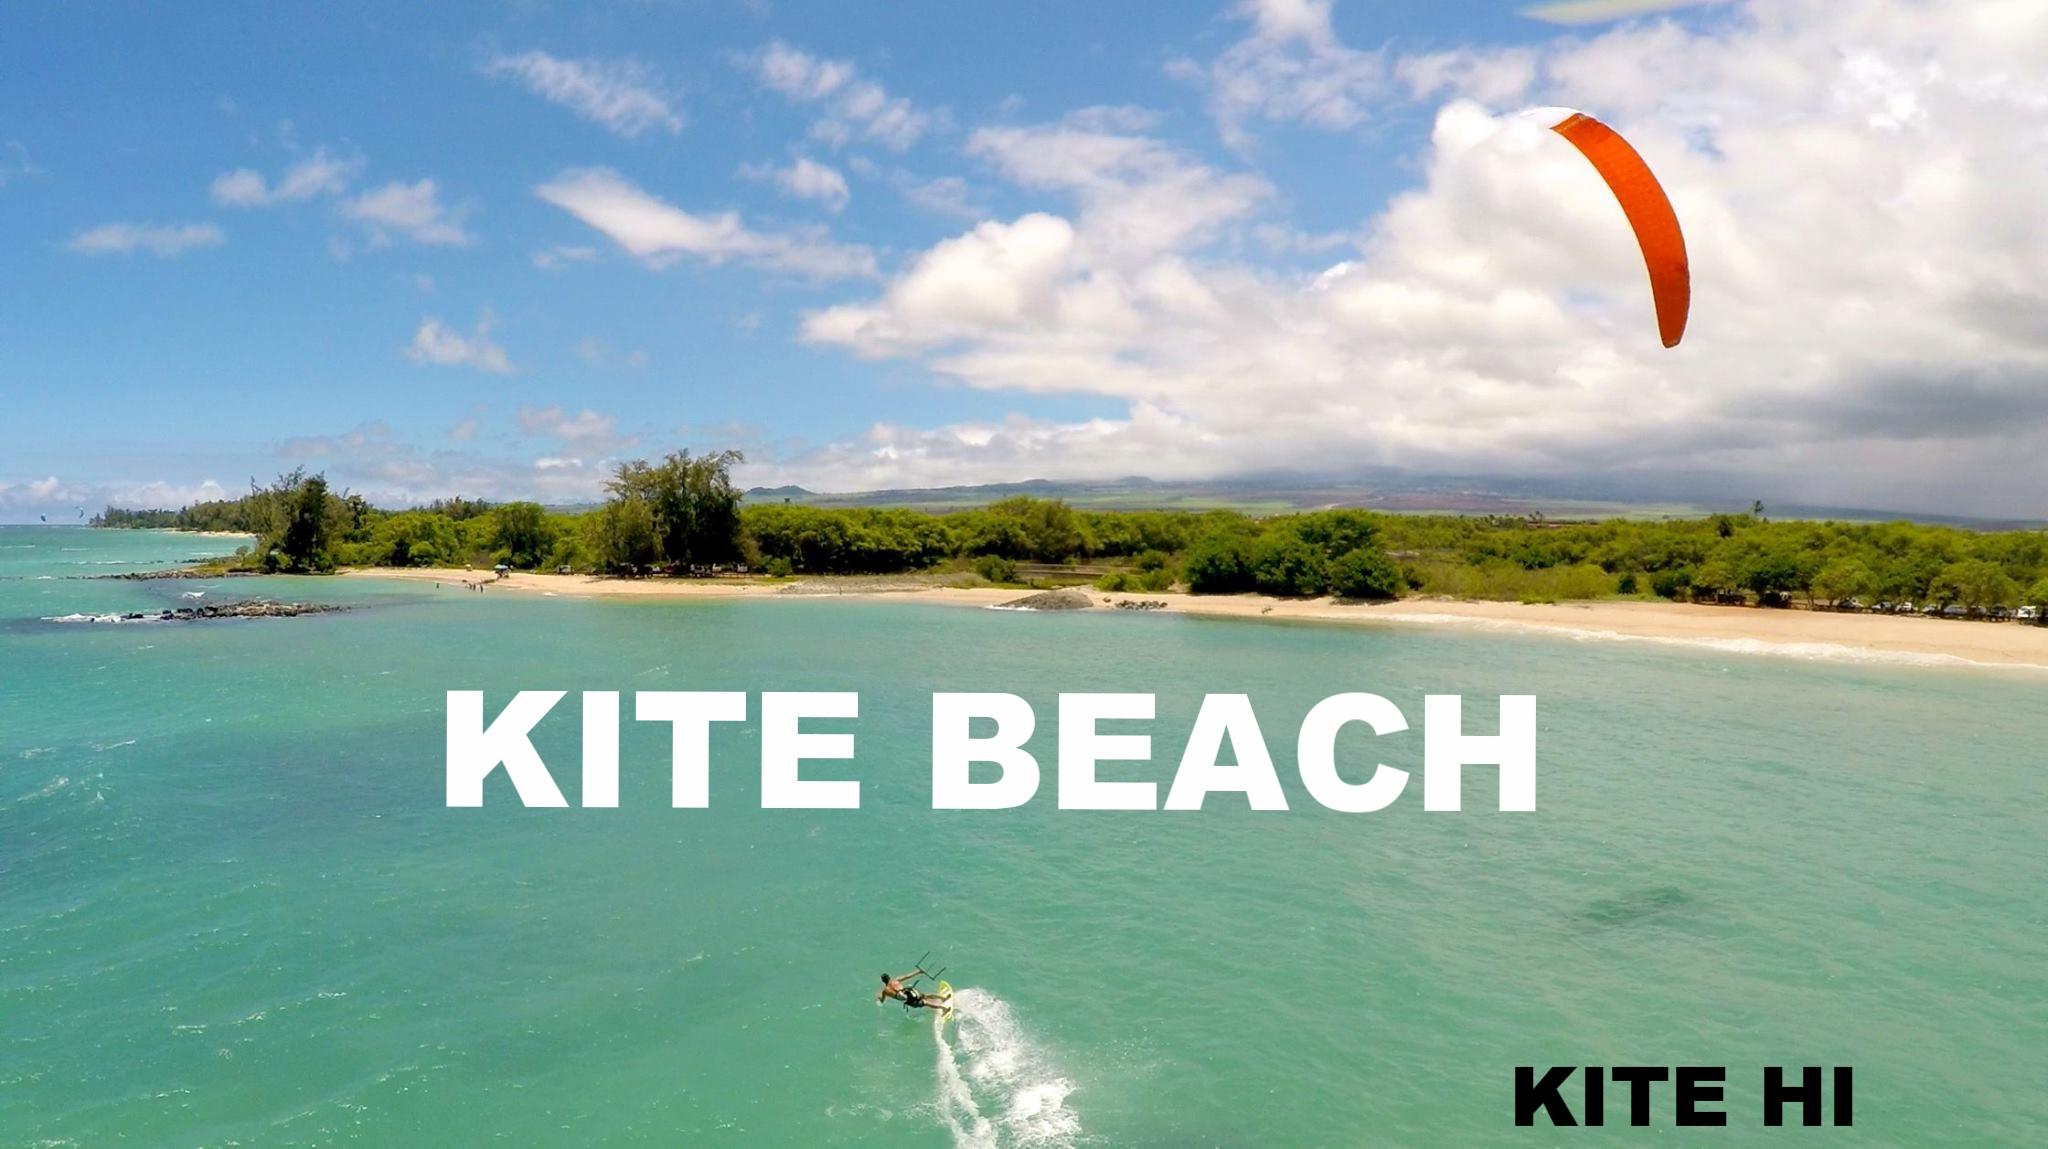 kite beach kitehi.jpg